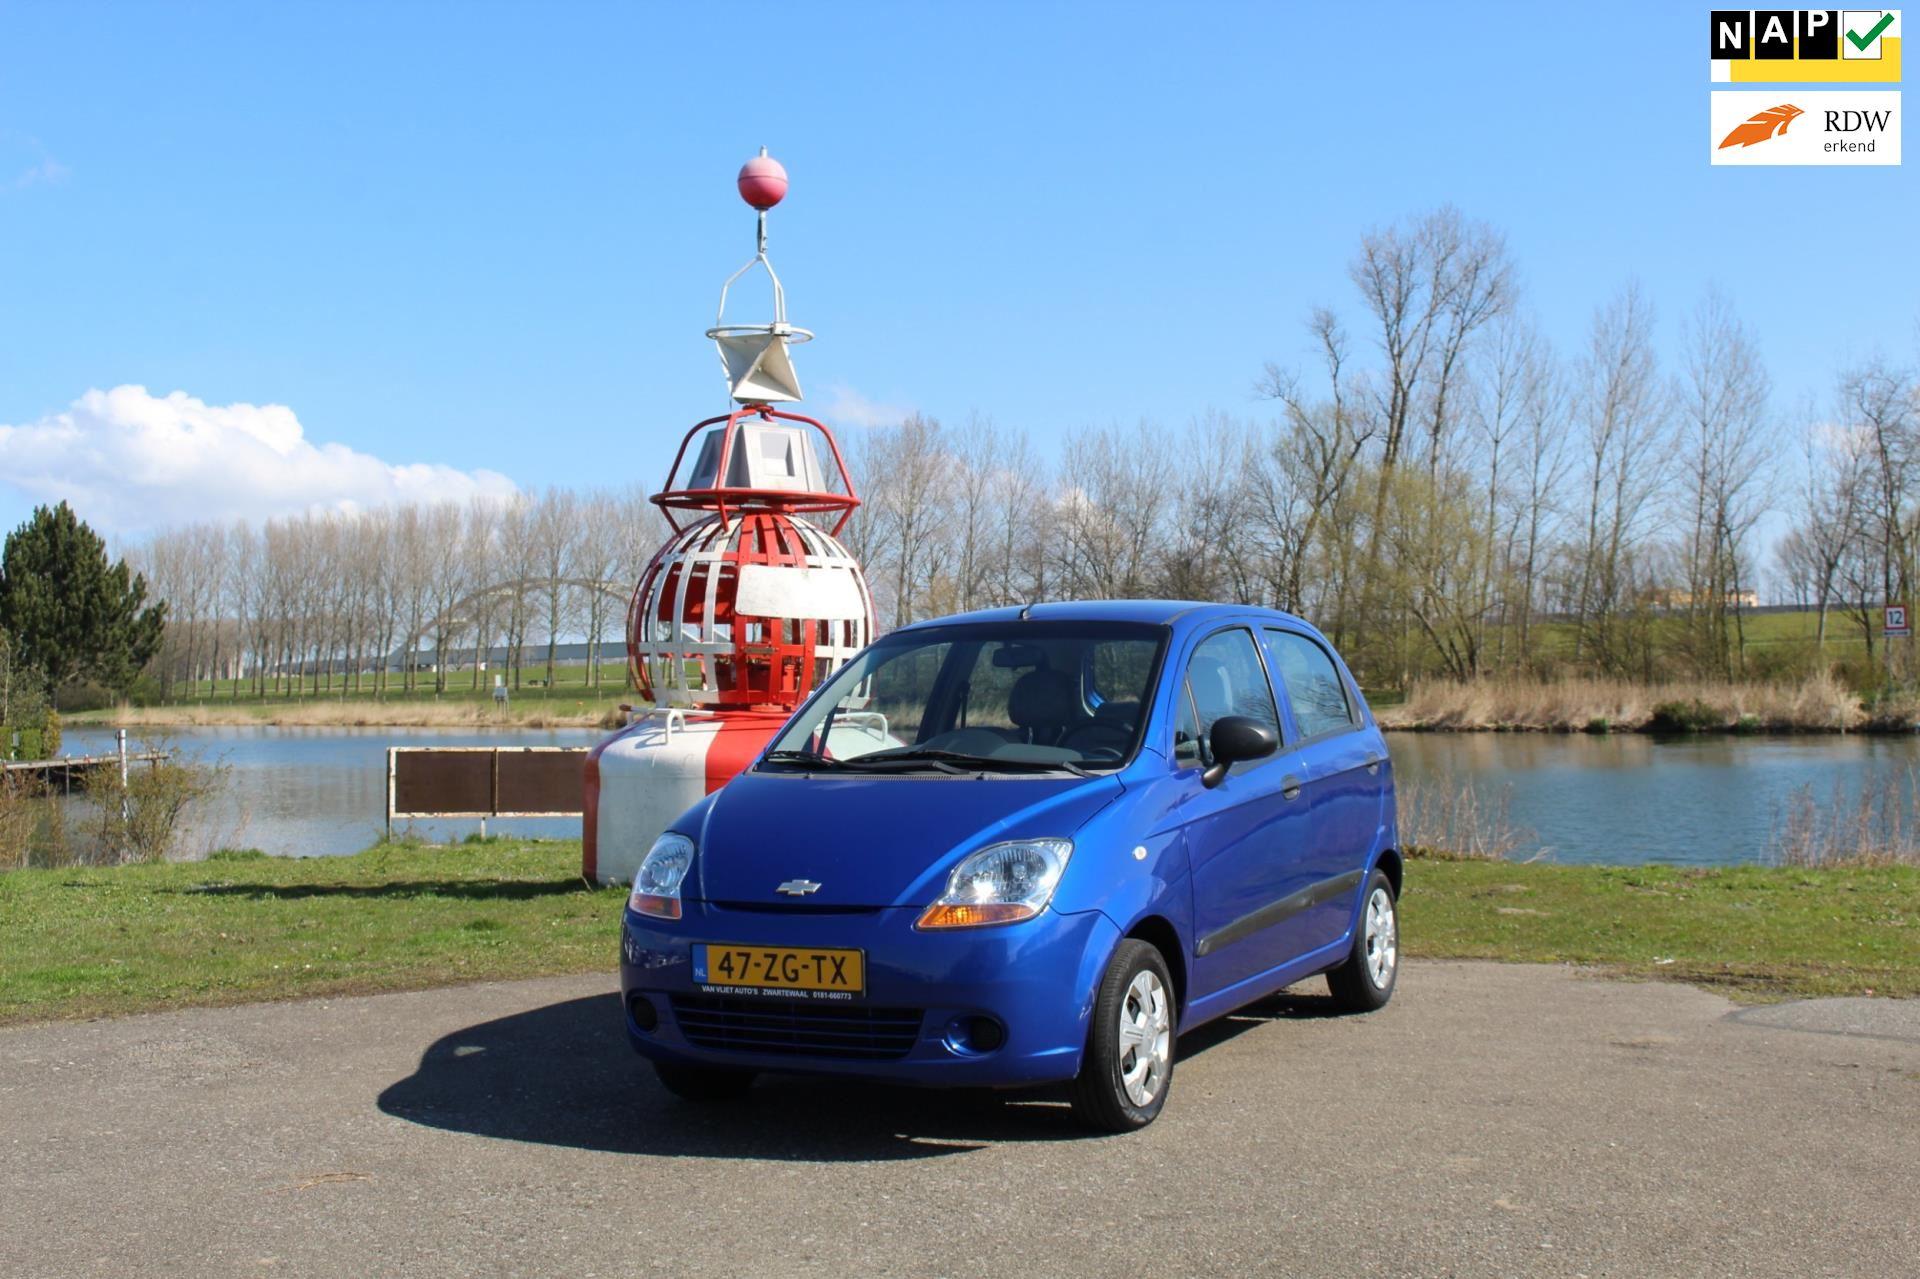 Chevrolet Matiz occasion - Van Vliet Auto's